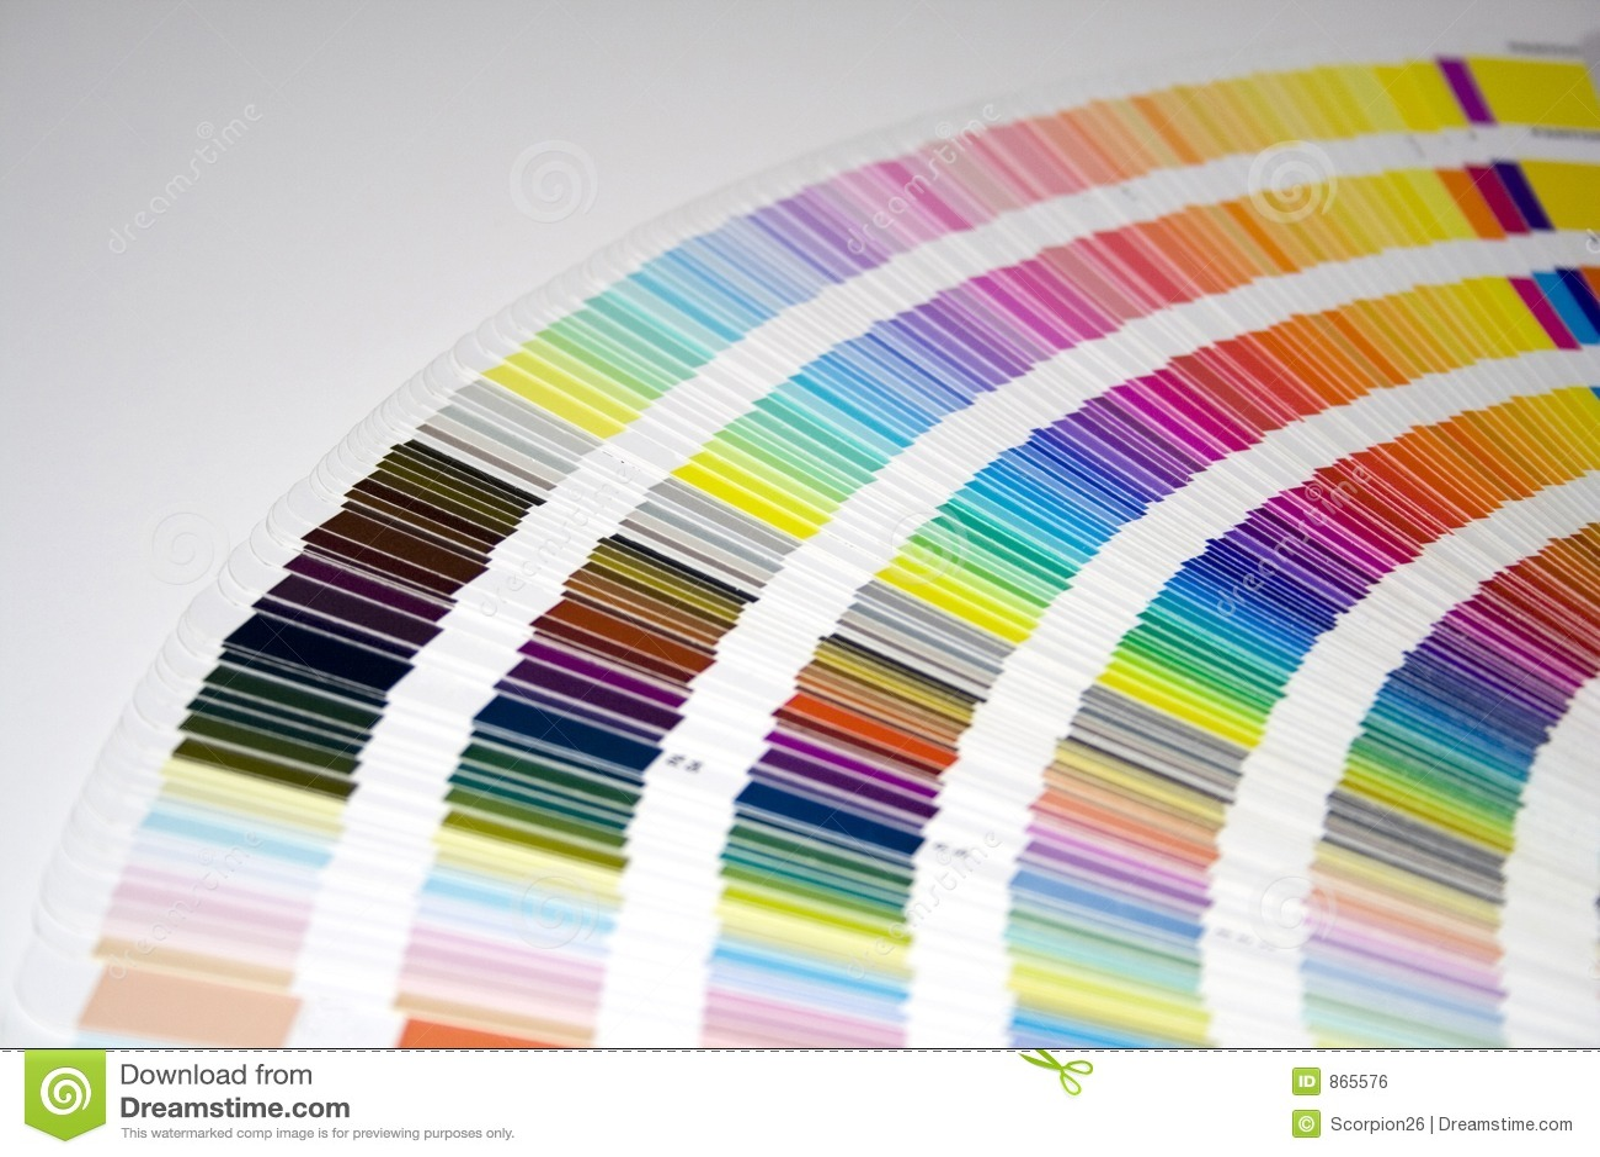 De Gids van de kleur